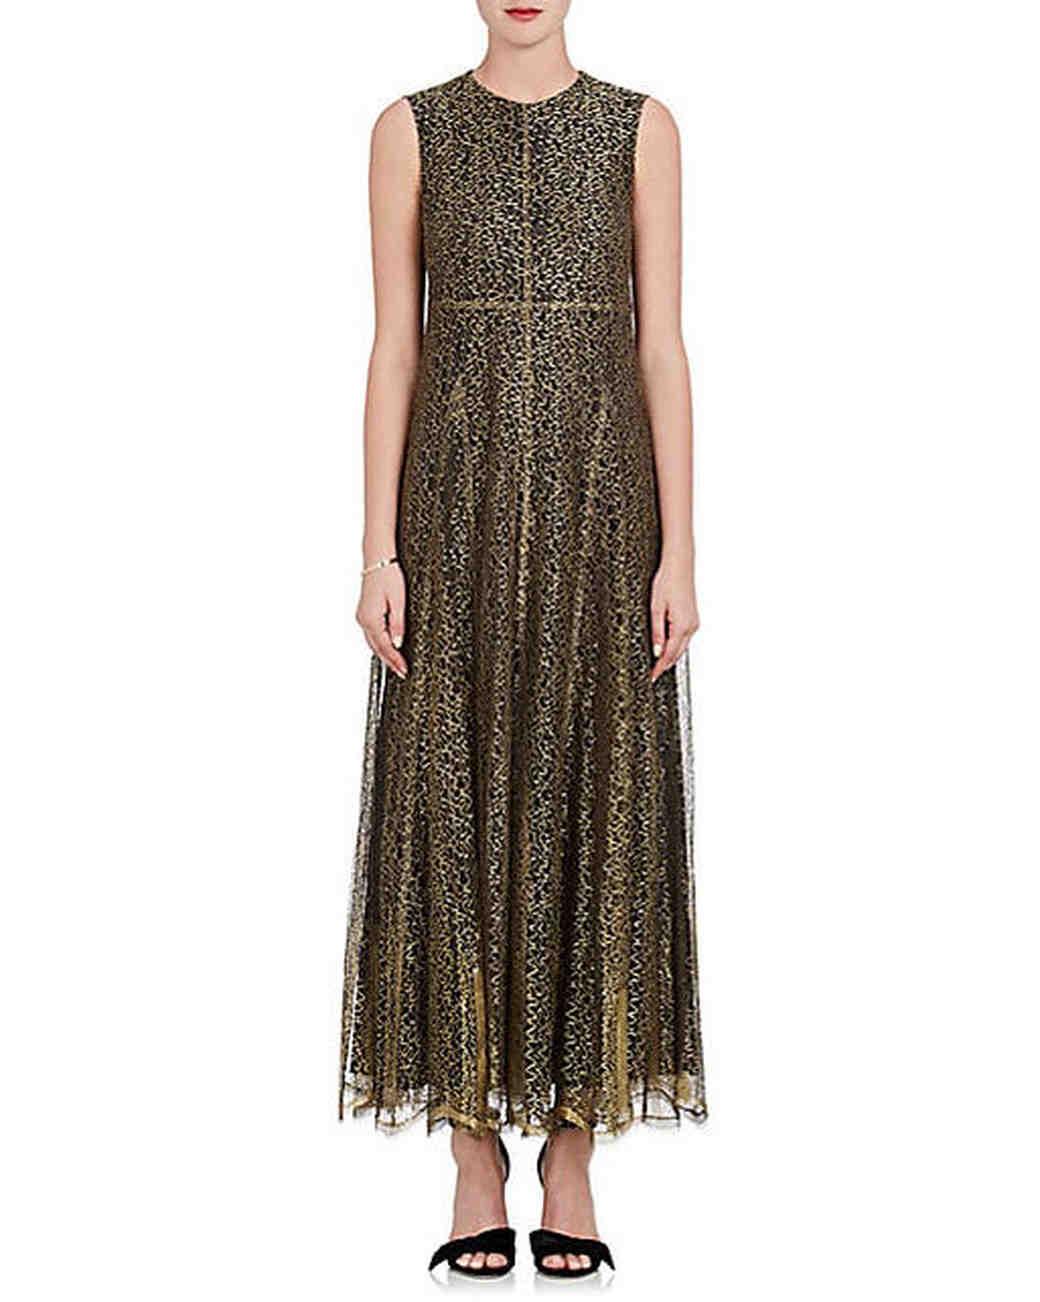 صورة فستان ام العريس , احدث موديلات الفساتين 5269 4